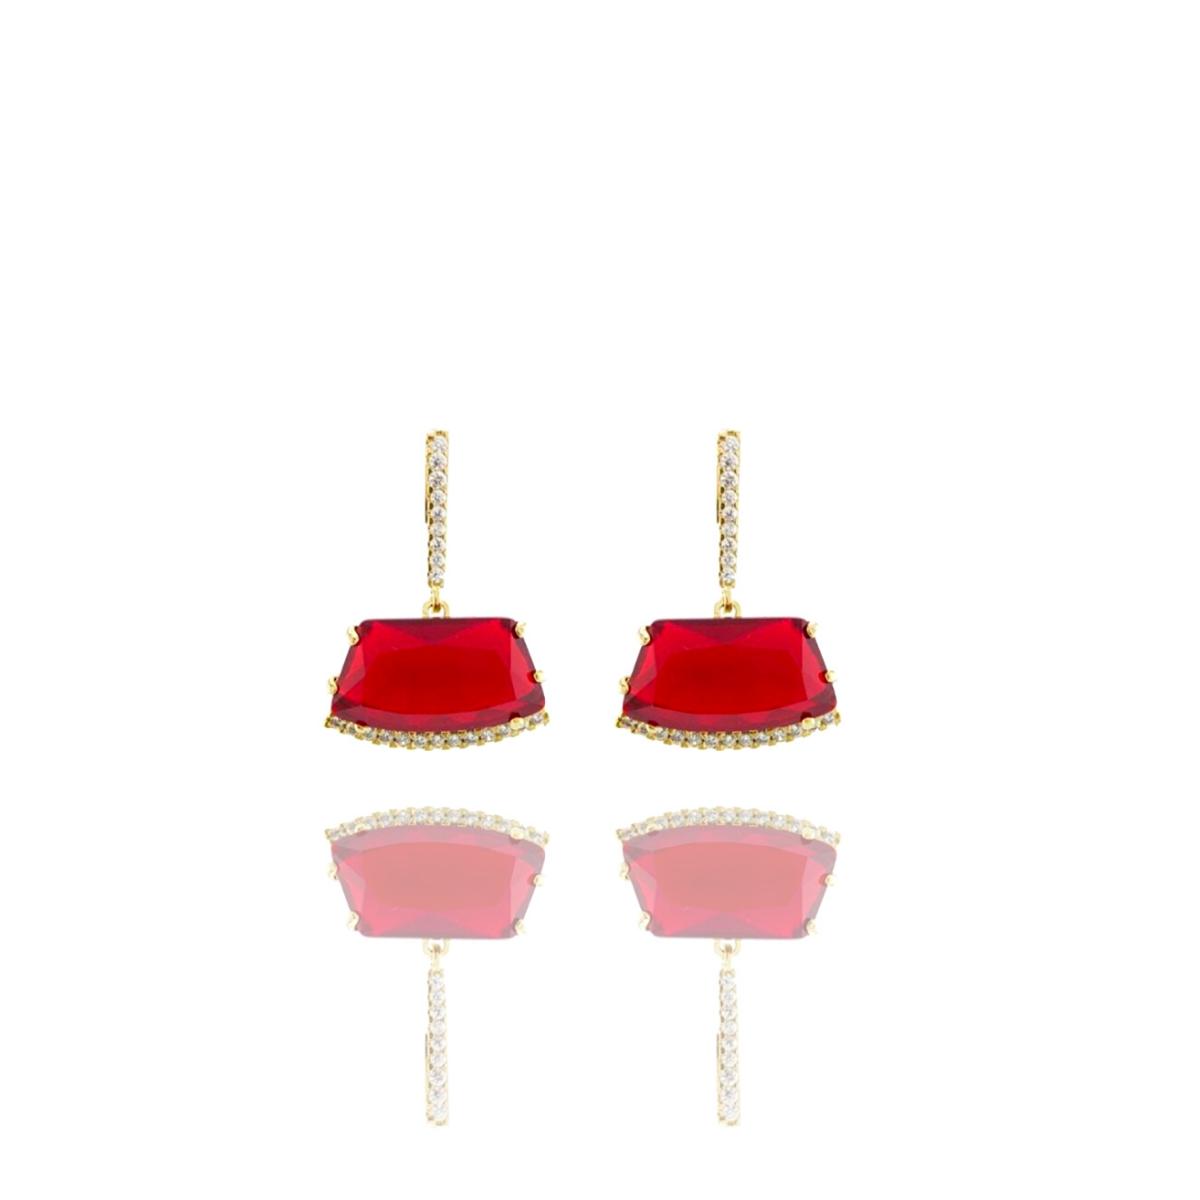 Brinco Barbara Strauss Skirt Cristal Vermelho, Revestido Em Ouro 18K